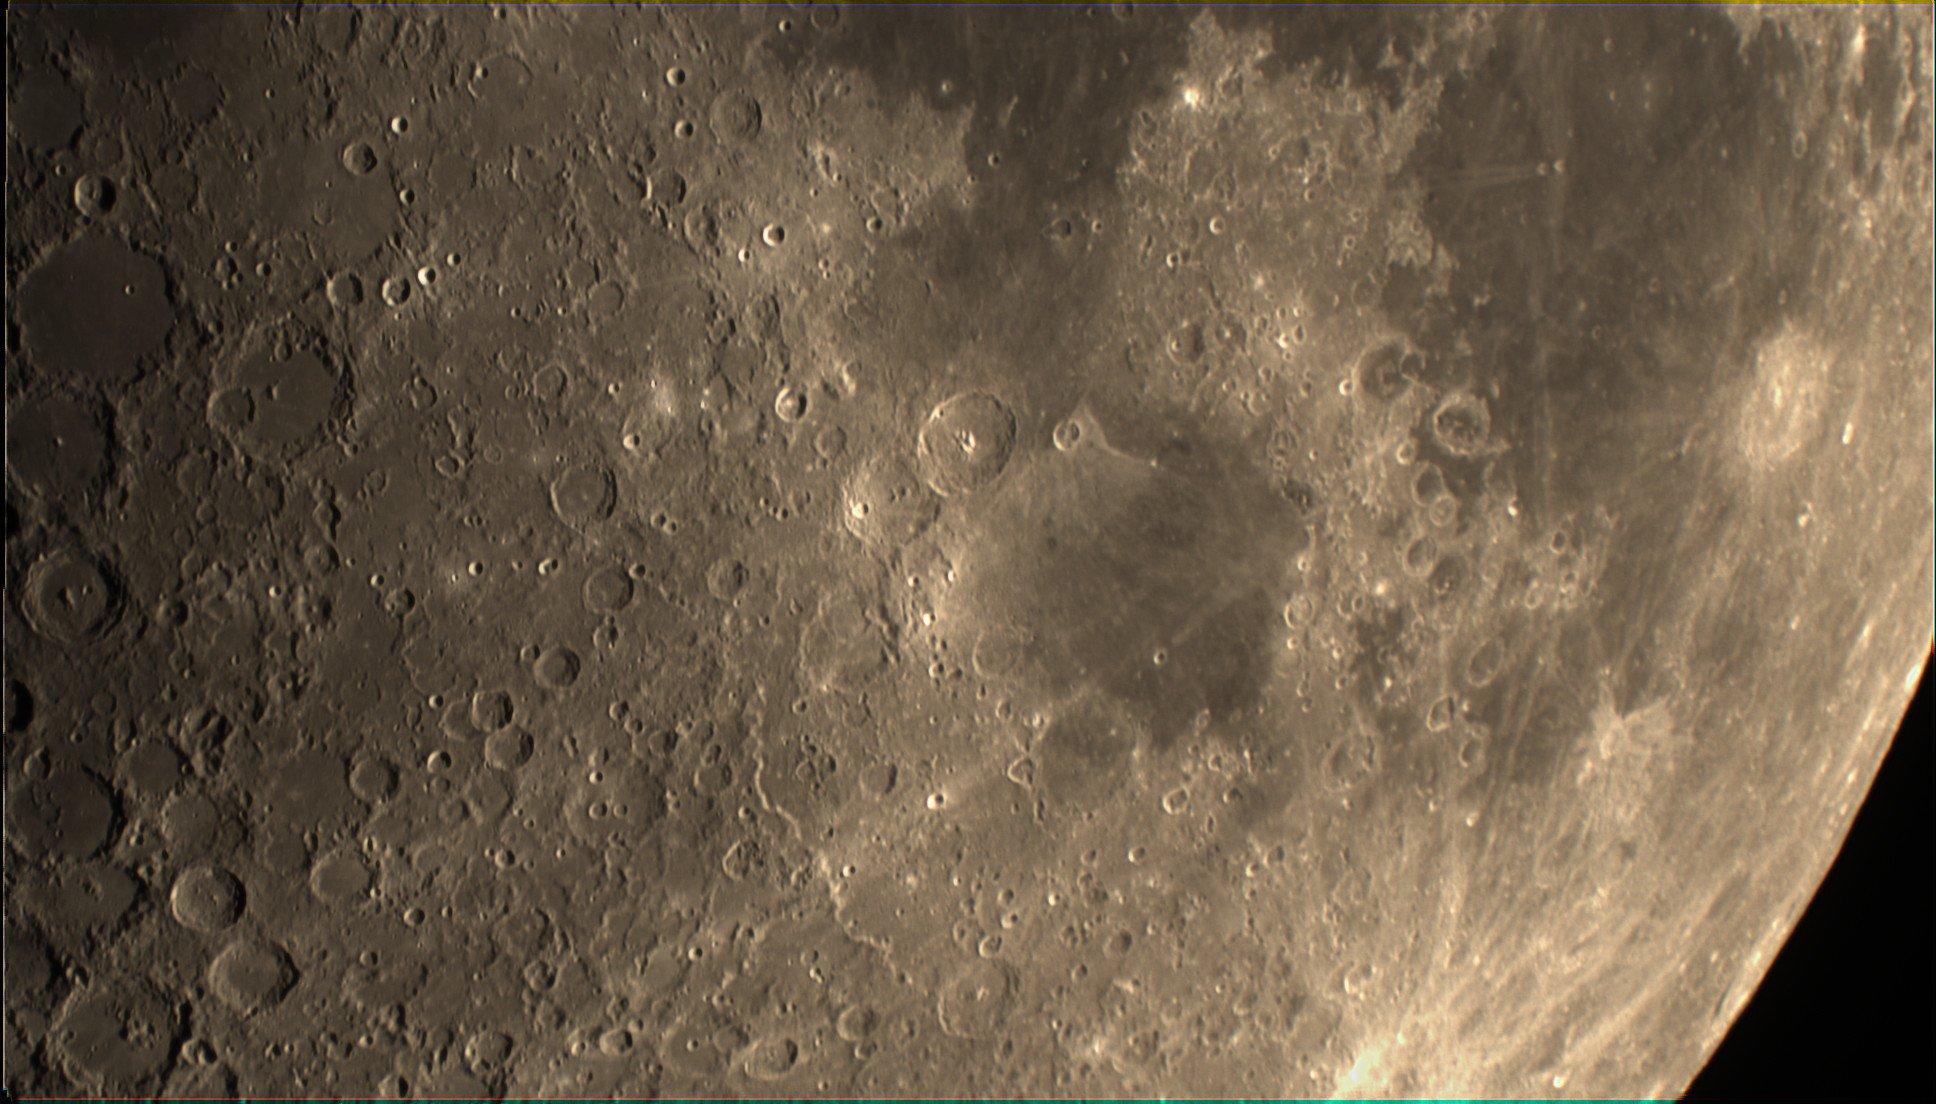 2021-08-16-2001 0-Moon Lapl5 Ap15 Conv 1